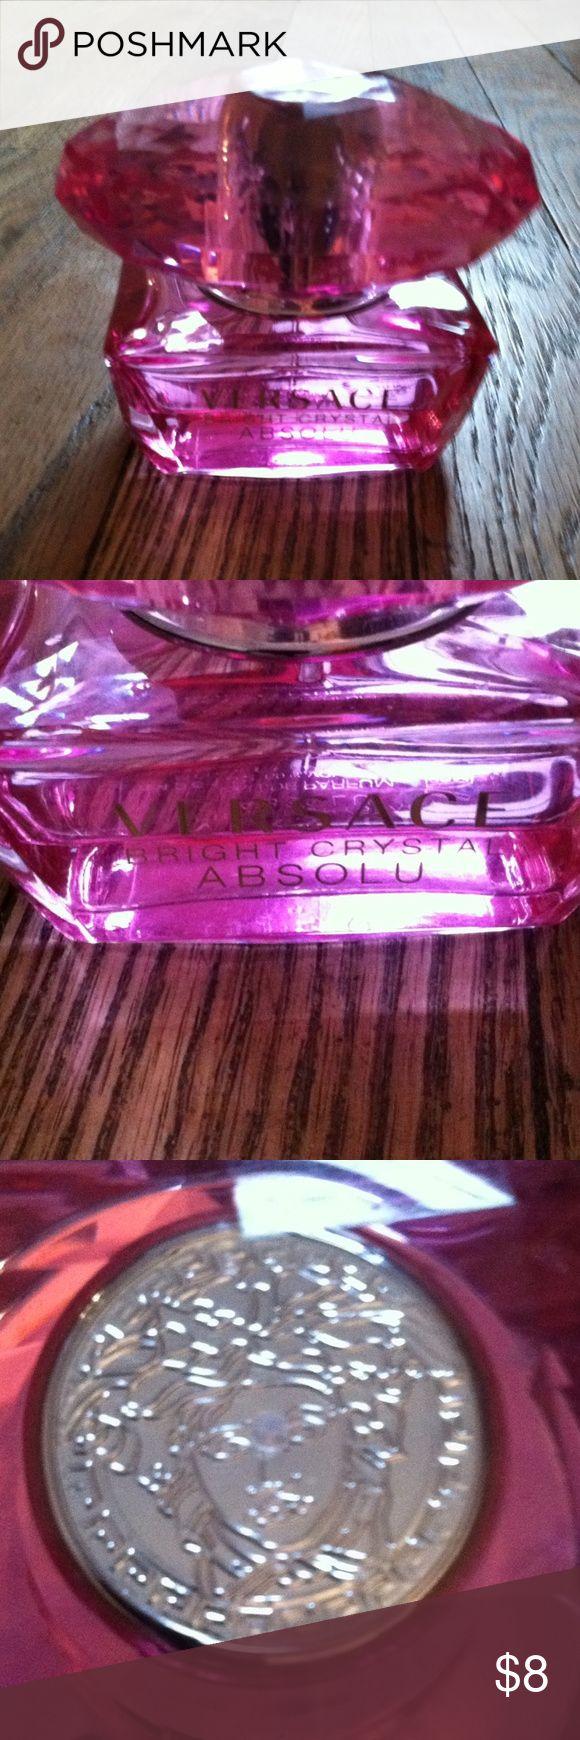 Versace Bright Crystal Absolu EDP •Eau de Parfum •About 35% left •1.7 FL OZ Bottle •Brand: Versace •Fragrance: Bright Crystal Absolu •NO TRADES Versace Makeup